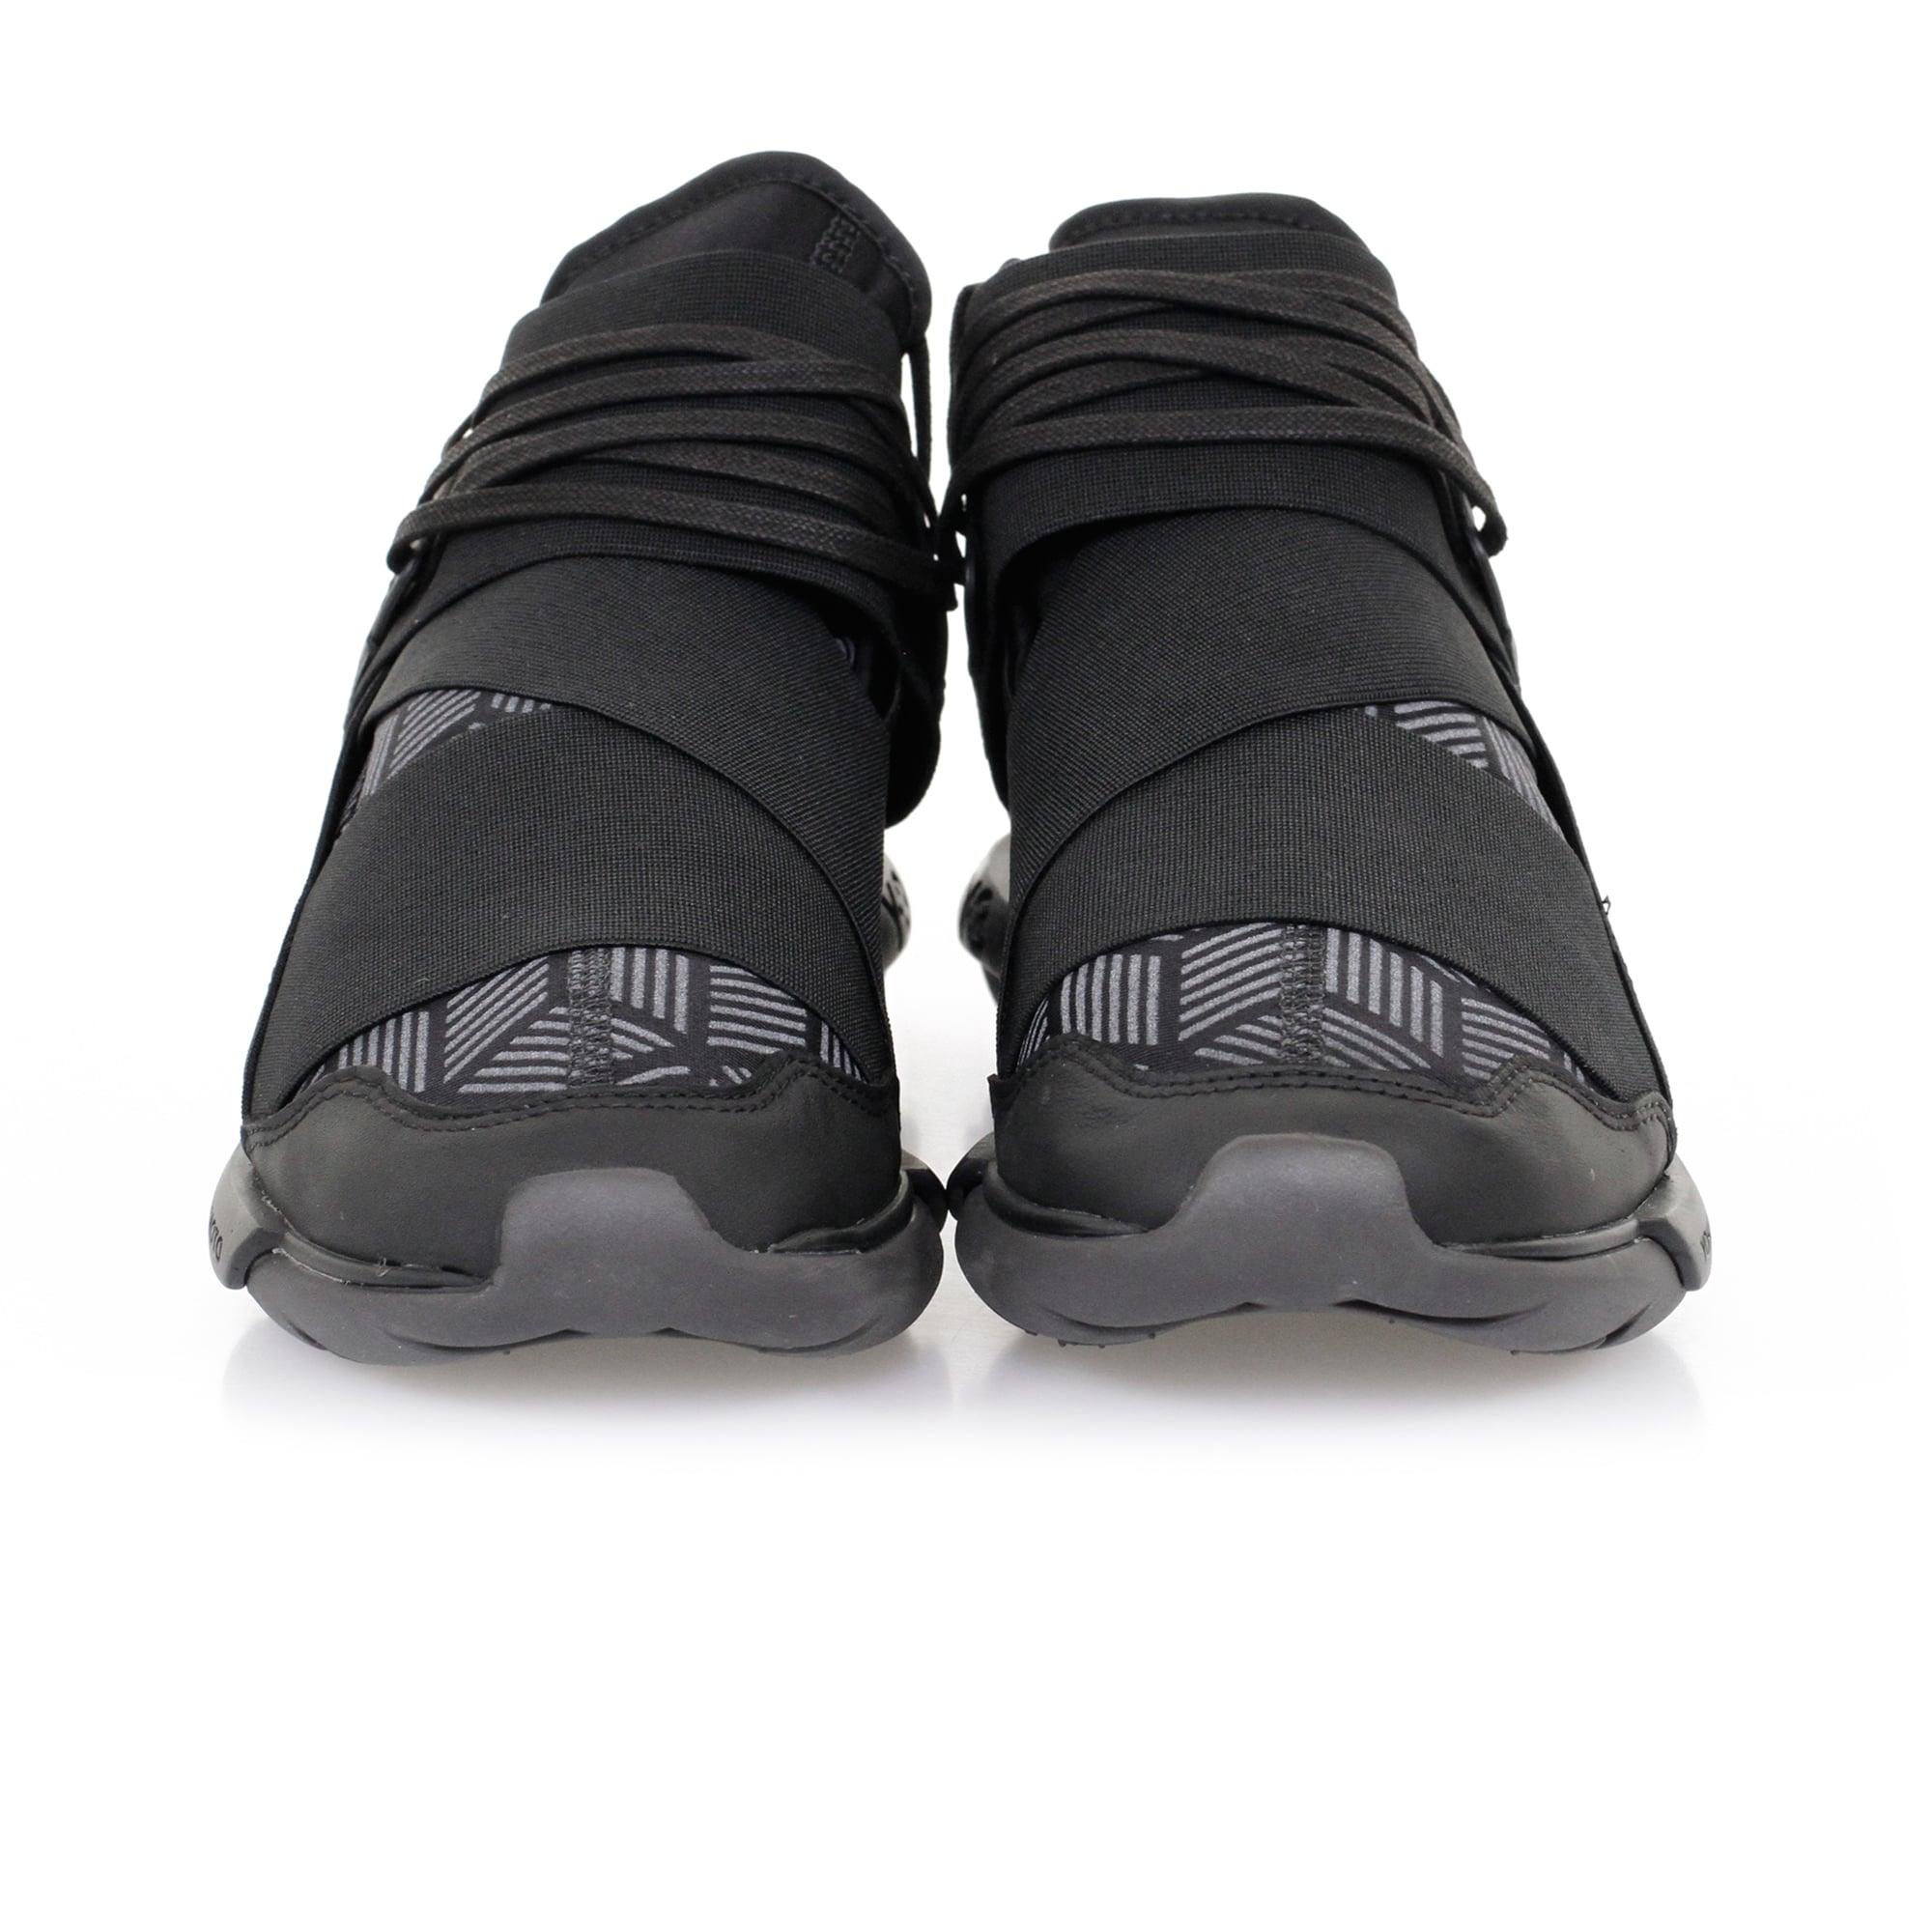 Adidas Y3 Qasa High Utility Black  S82123 Outlet